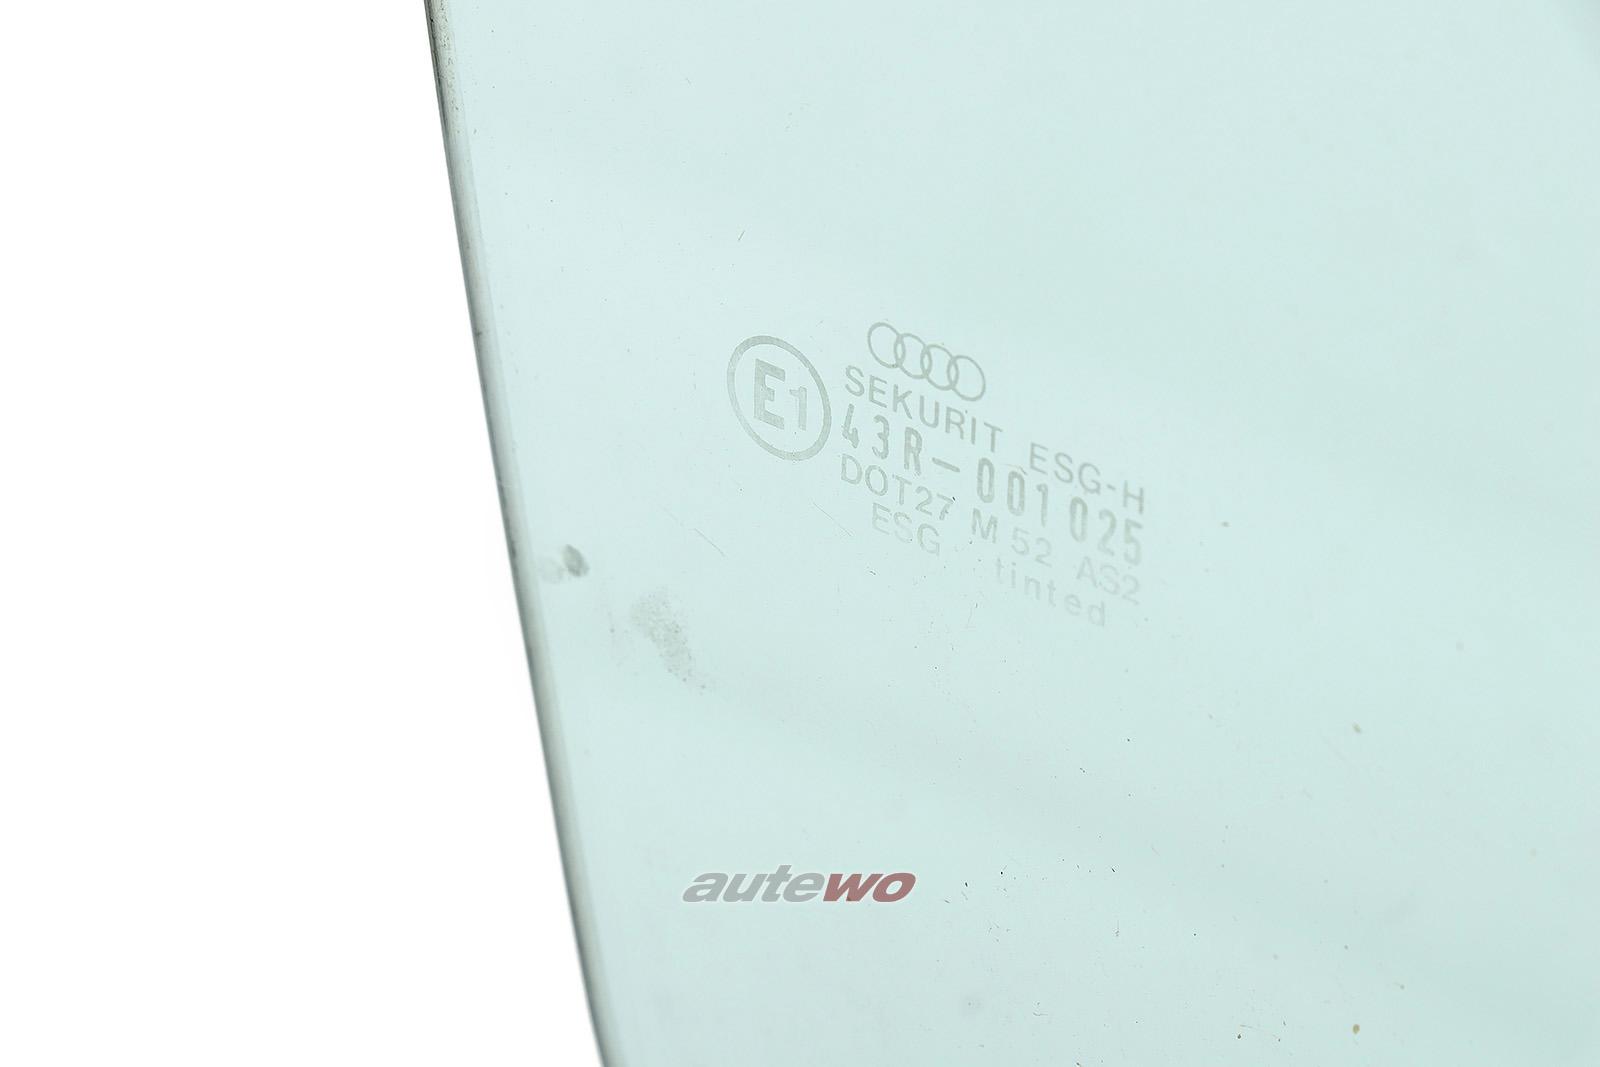 855845022M Audi Coupe Typ 81/85/Urquattro Seitenscheibe Vorne Rechts grün